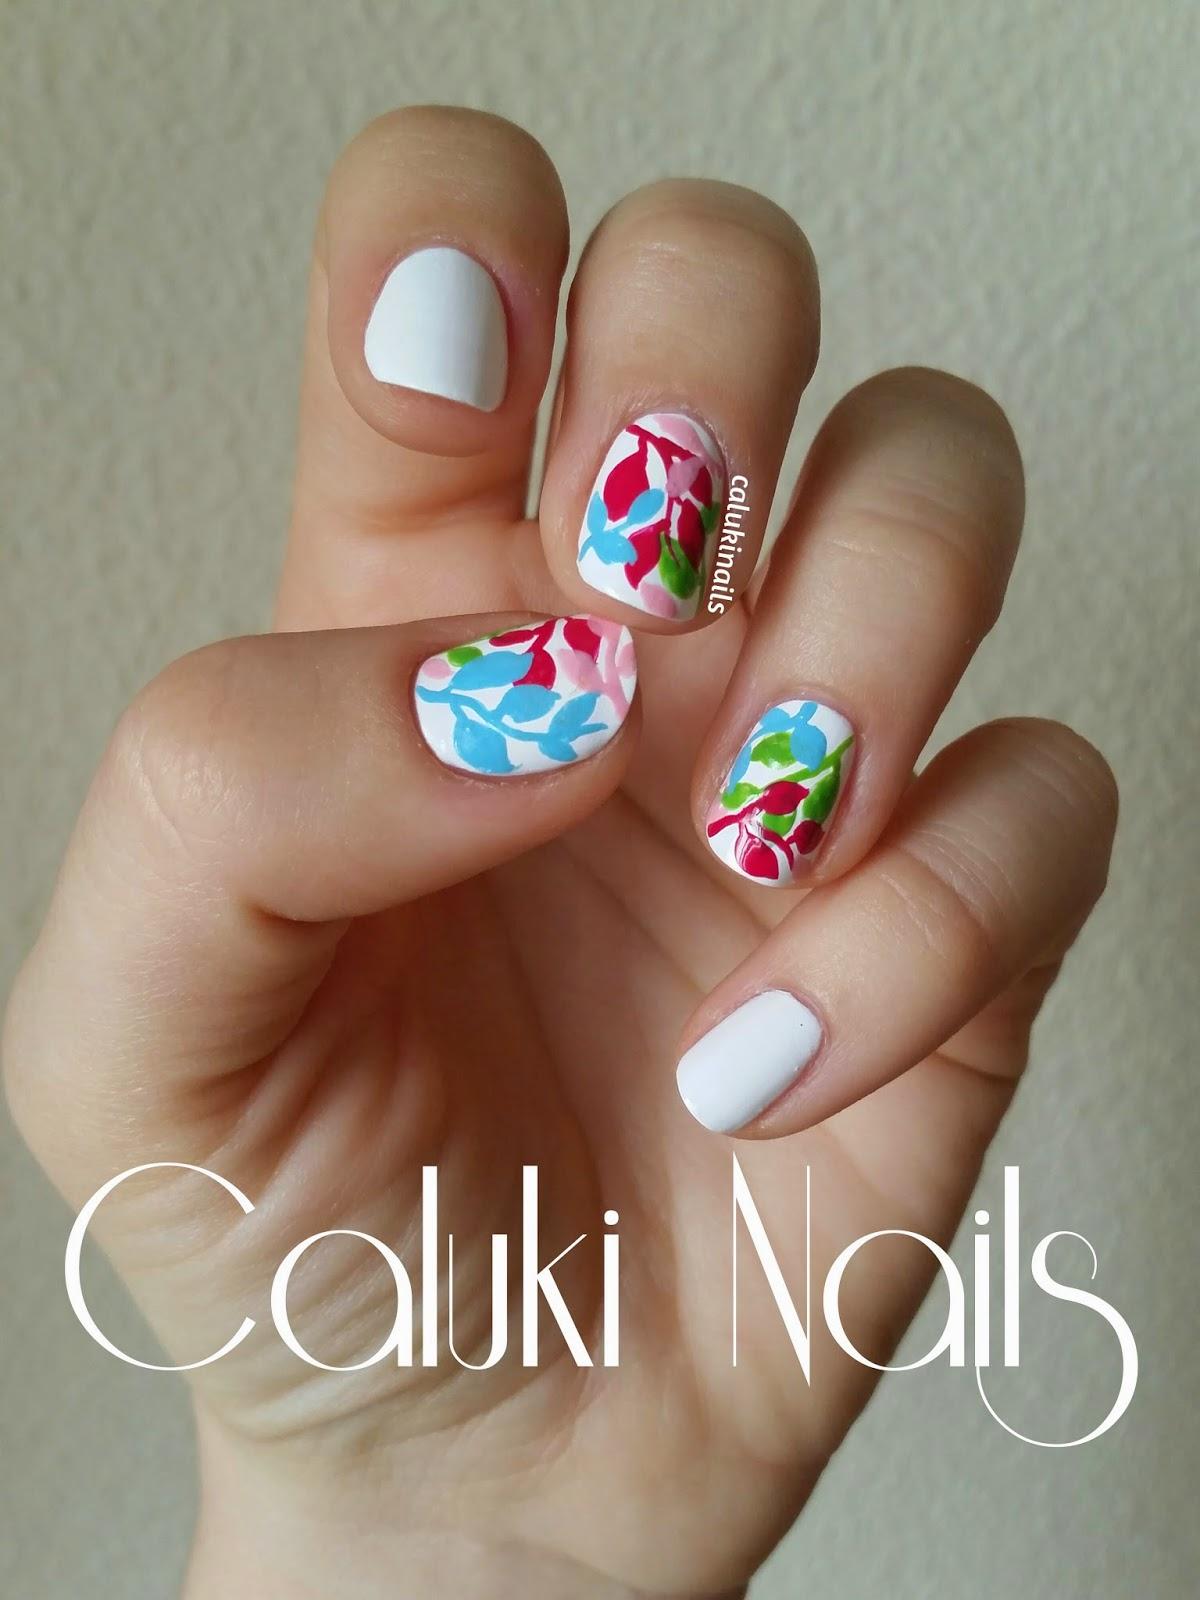 Caluki Nails : Nail art Hojas de Primavera | Marble de IsaDora